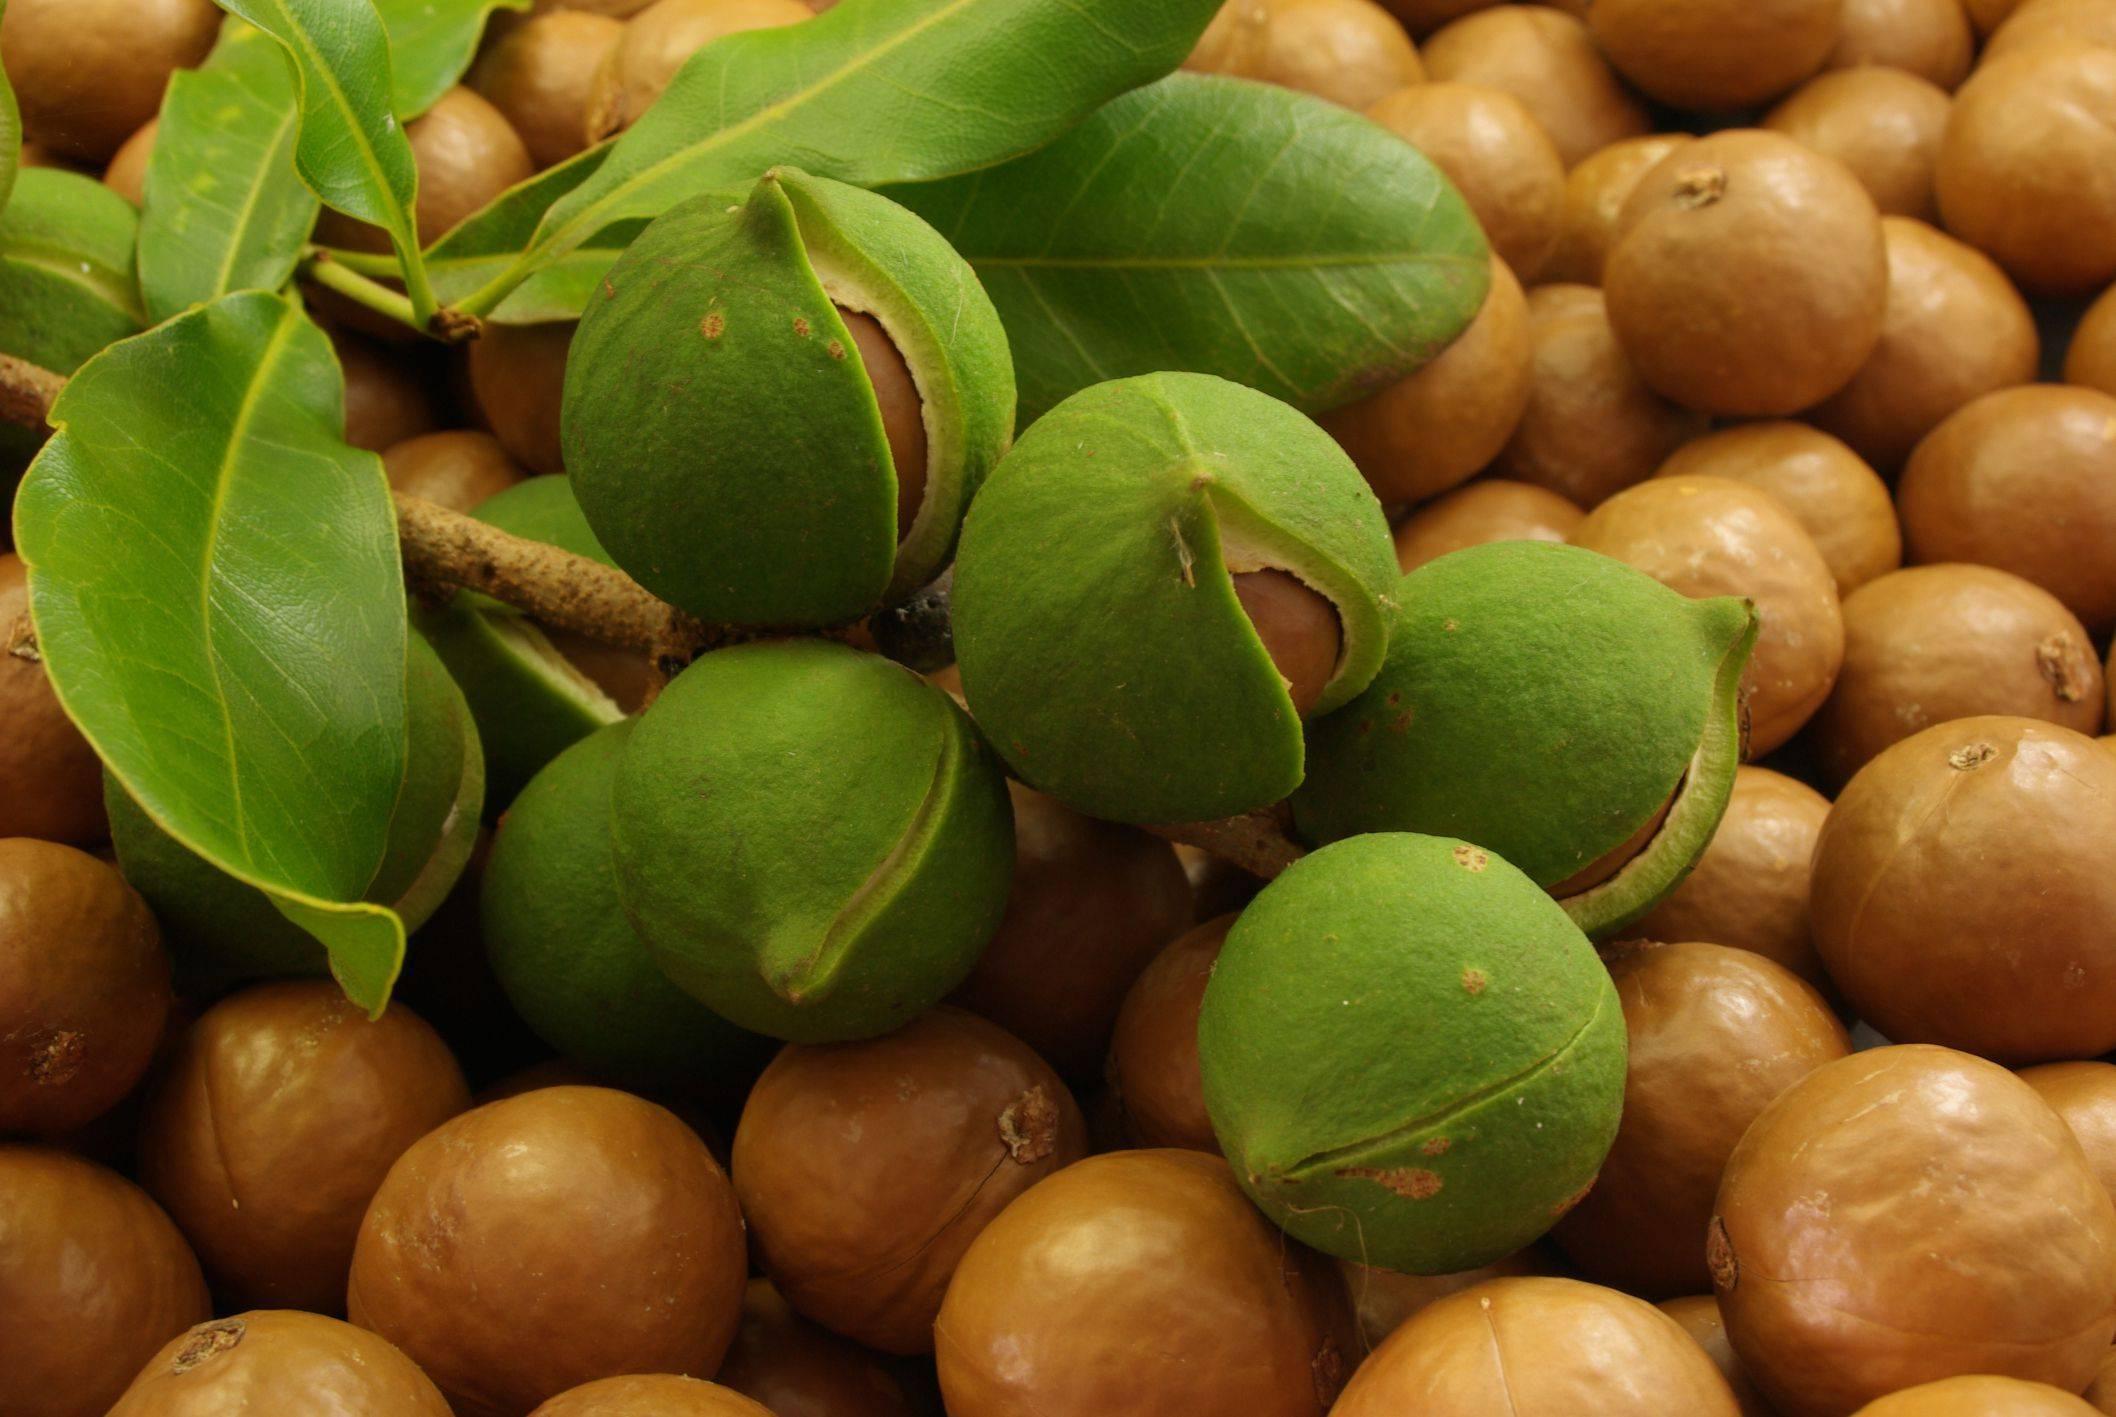 Макадамия орех полезные свойства и противопоказания, как выглядит